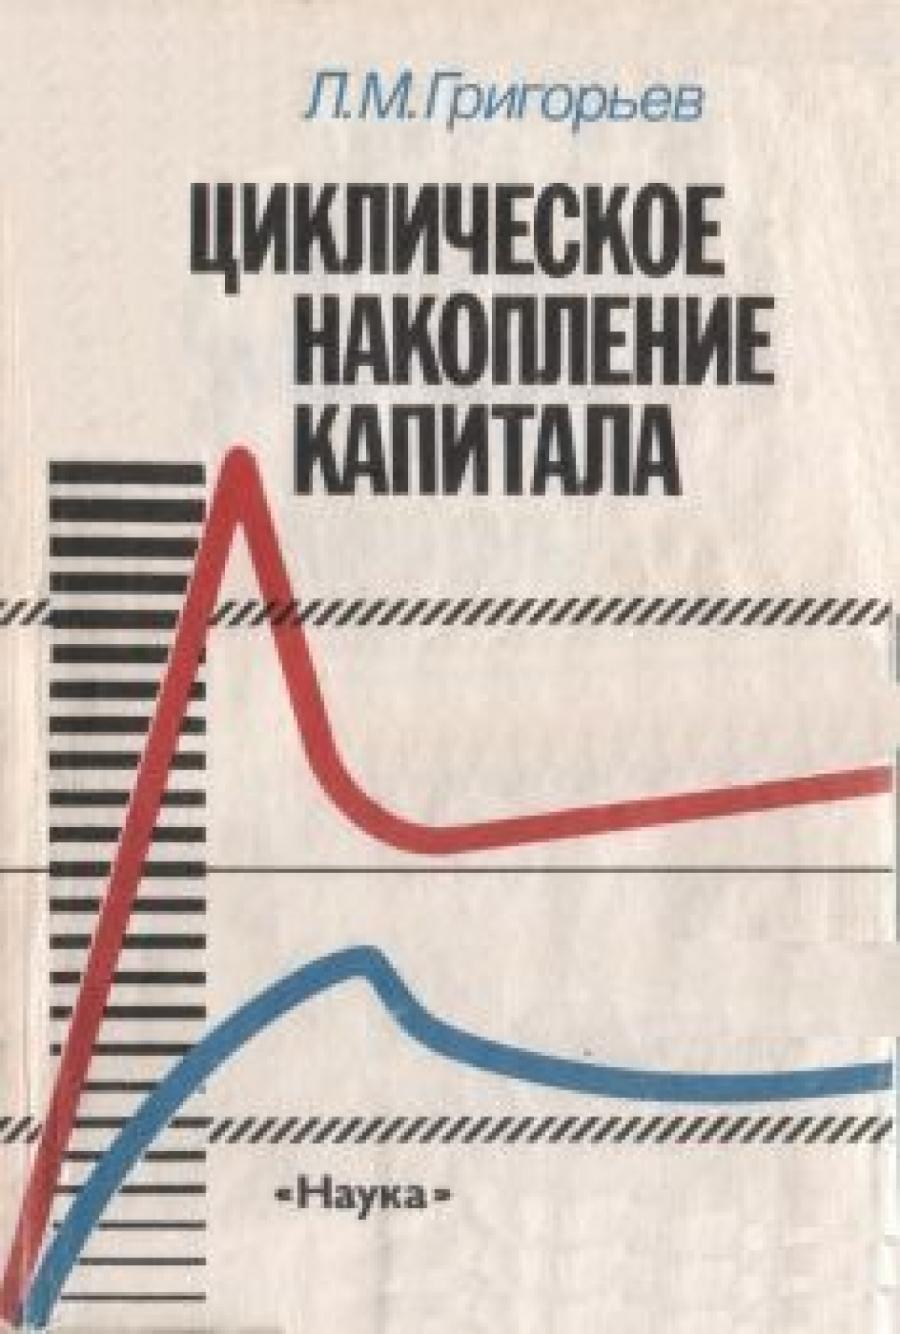 Обложка книги:  григорьев л. м. - циклическое накопление капитала на примере нефинансовых корпораций сша